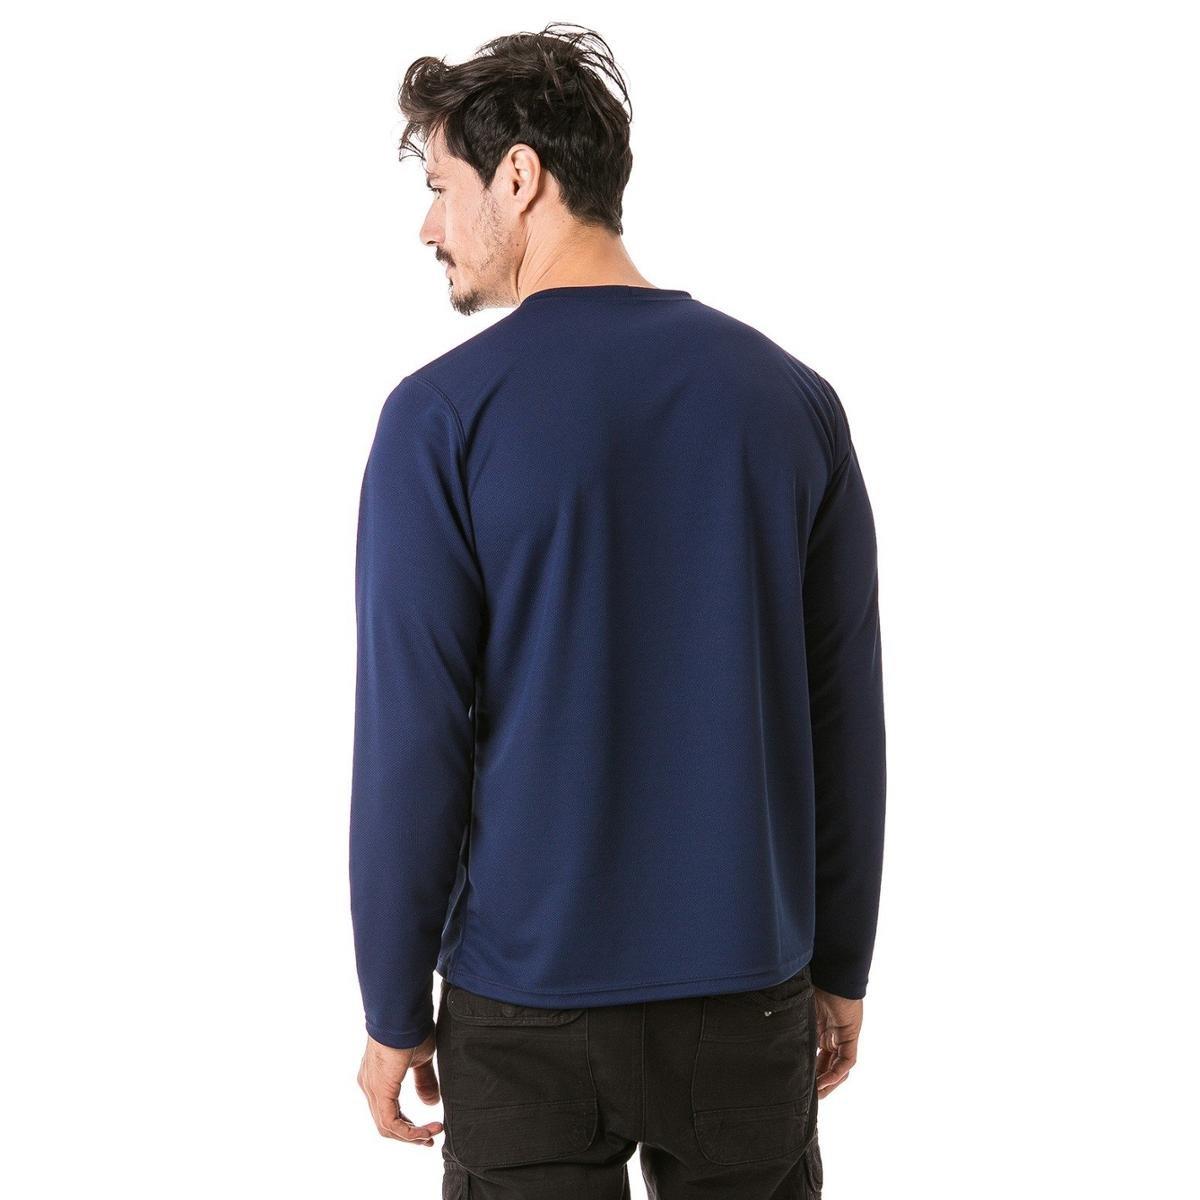 Camiseta com Proteção Solar Manga Longa Extreme UV Dry - Azul Escuro ... bfdc395774ed7